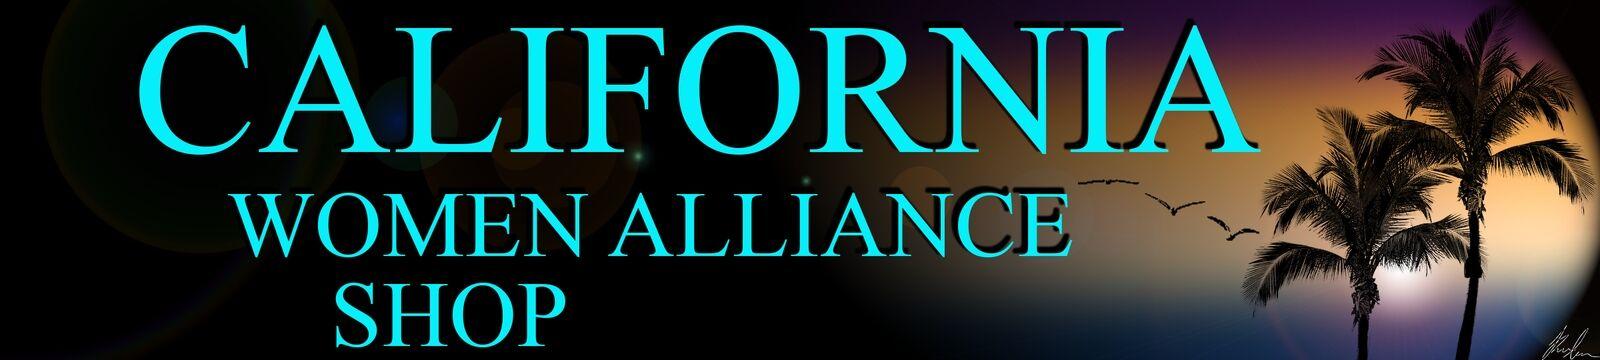 californiawomenalliance